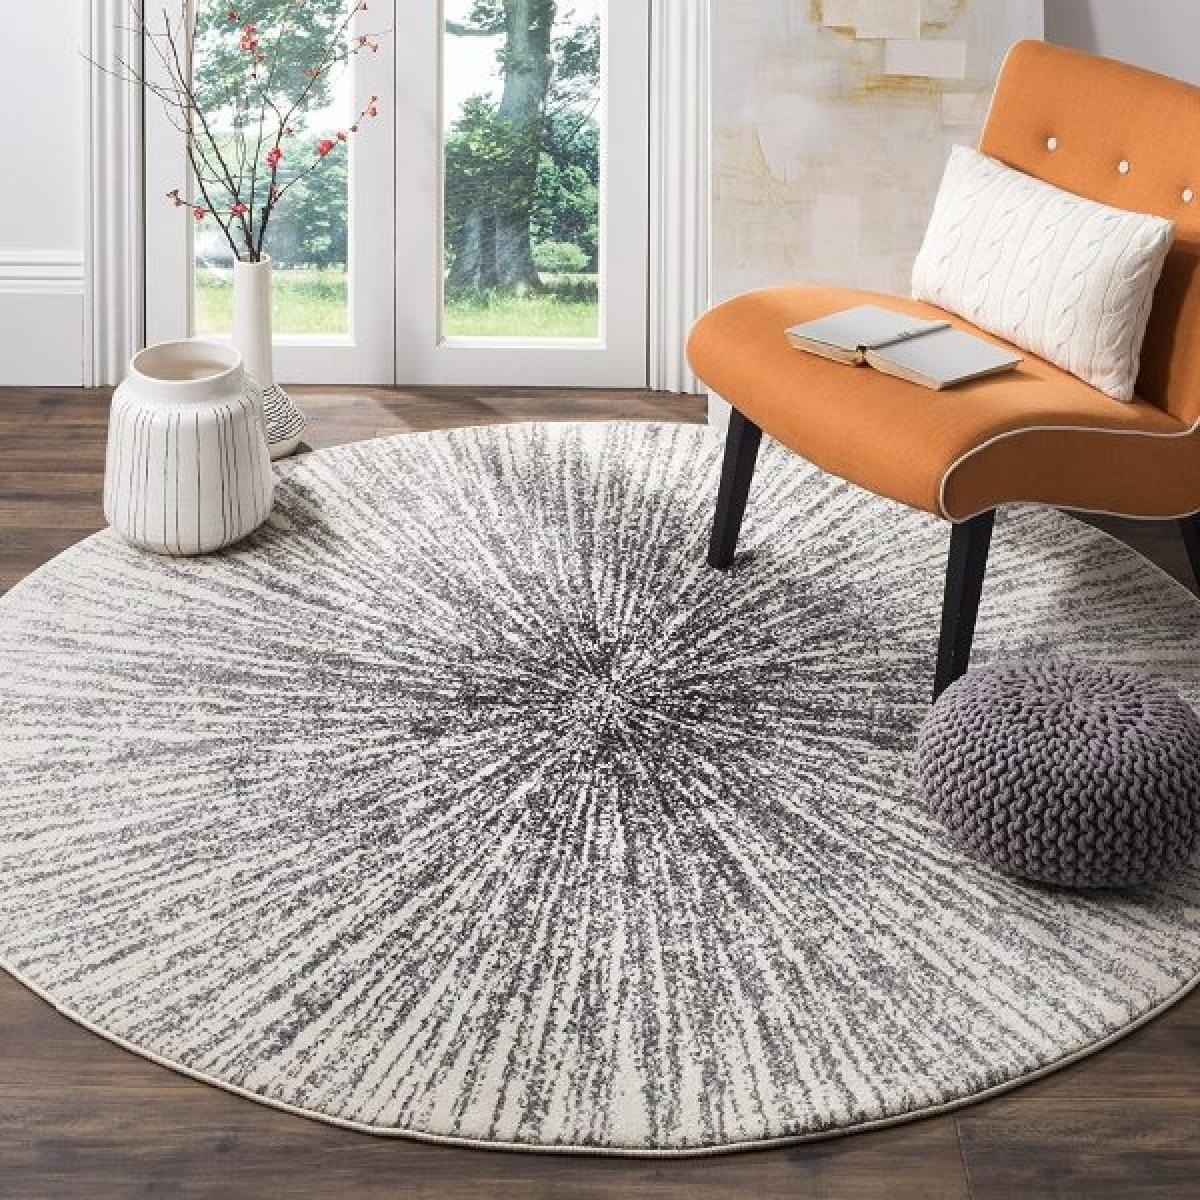 Không thể phủ nhận tấm thảm hoạ tiết ấn tượng này là điểm nhấn cho cả căn phòng.